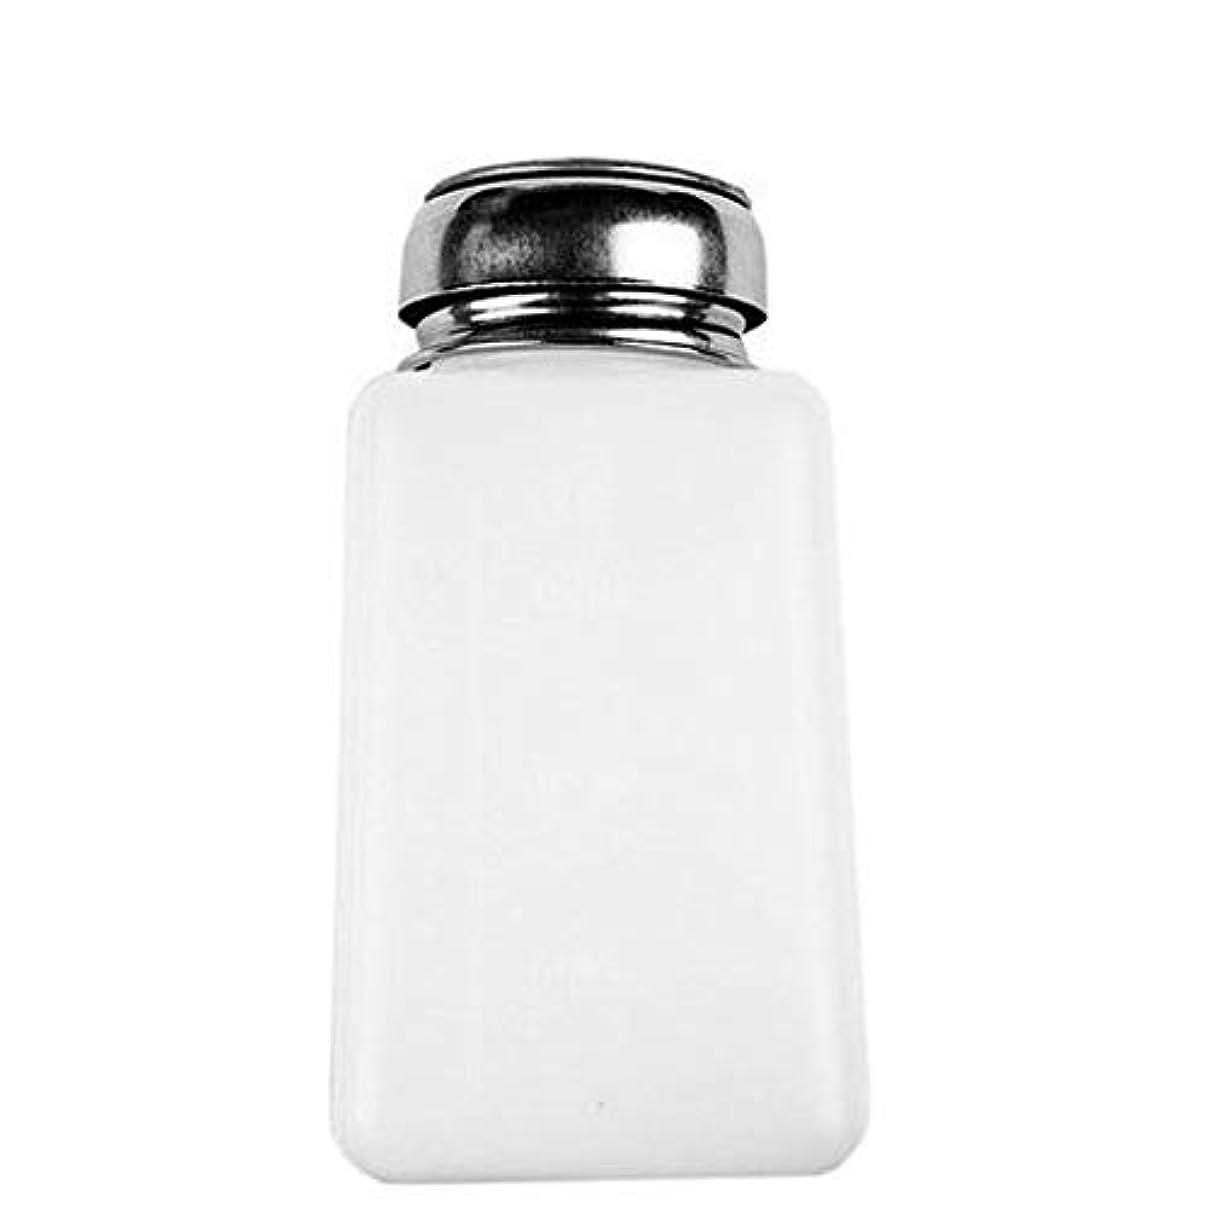 憂慮すべきタイプ全部ネイル用液体金属タッチ流体ディスペンサによってネイルポリッシュリムーバー1PC 200MLプッシュダウンディスペンサーポンプ圧送ボトルアルコール飲料